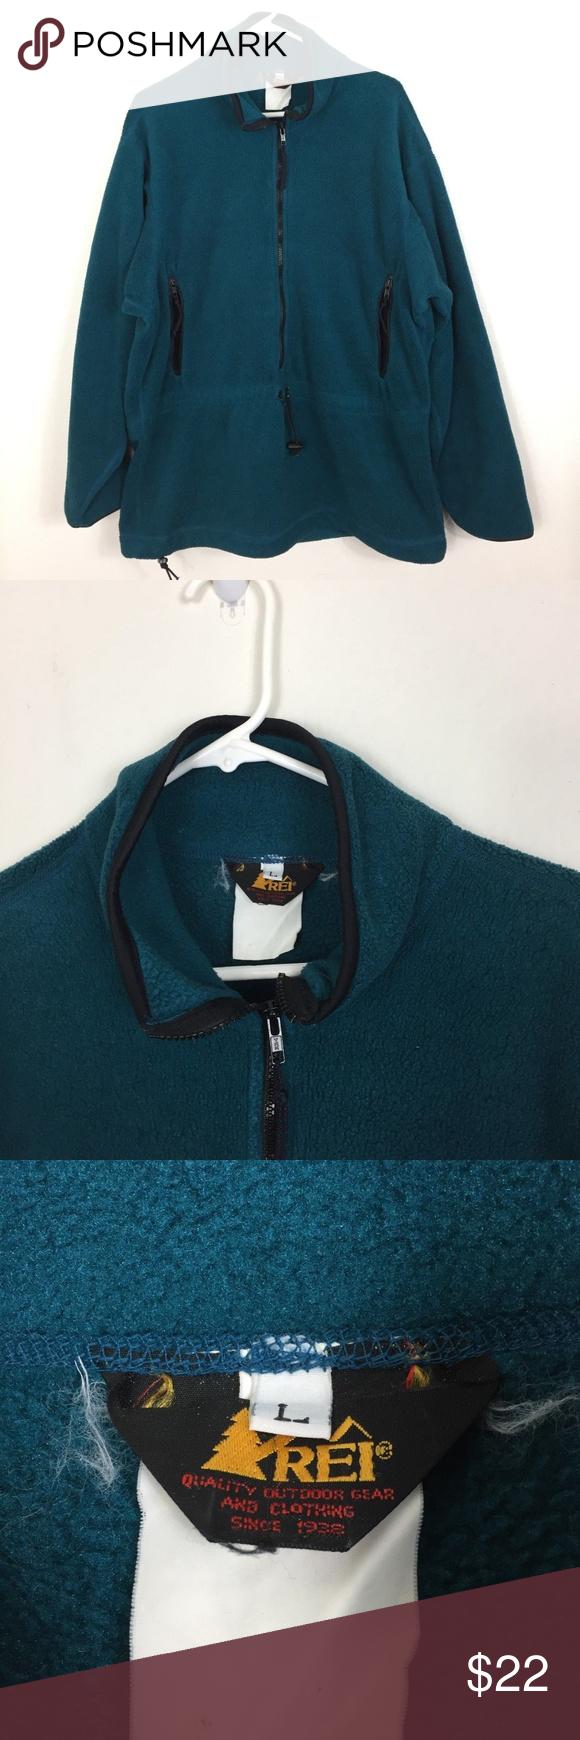 94b15d8c666 Men s L REI USA MADE Green Fleece 1 2 Zip Sweater Item  Men s Large ...